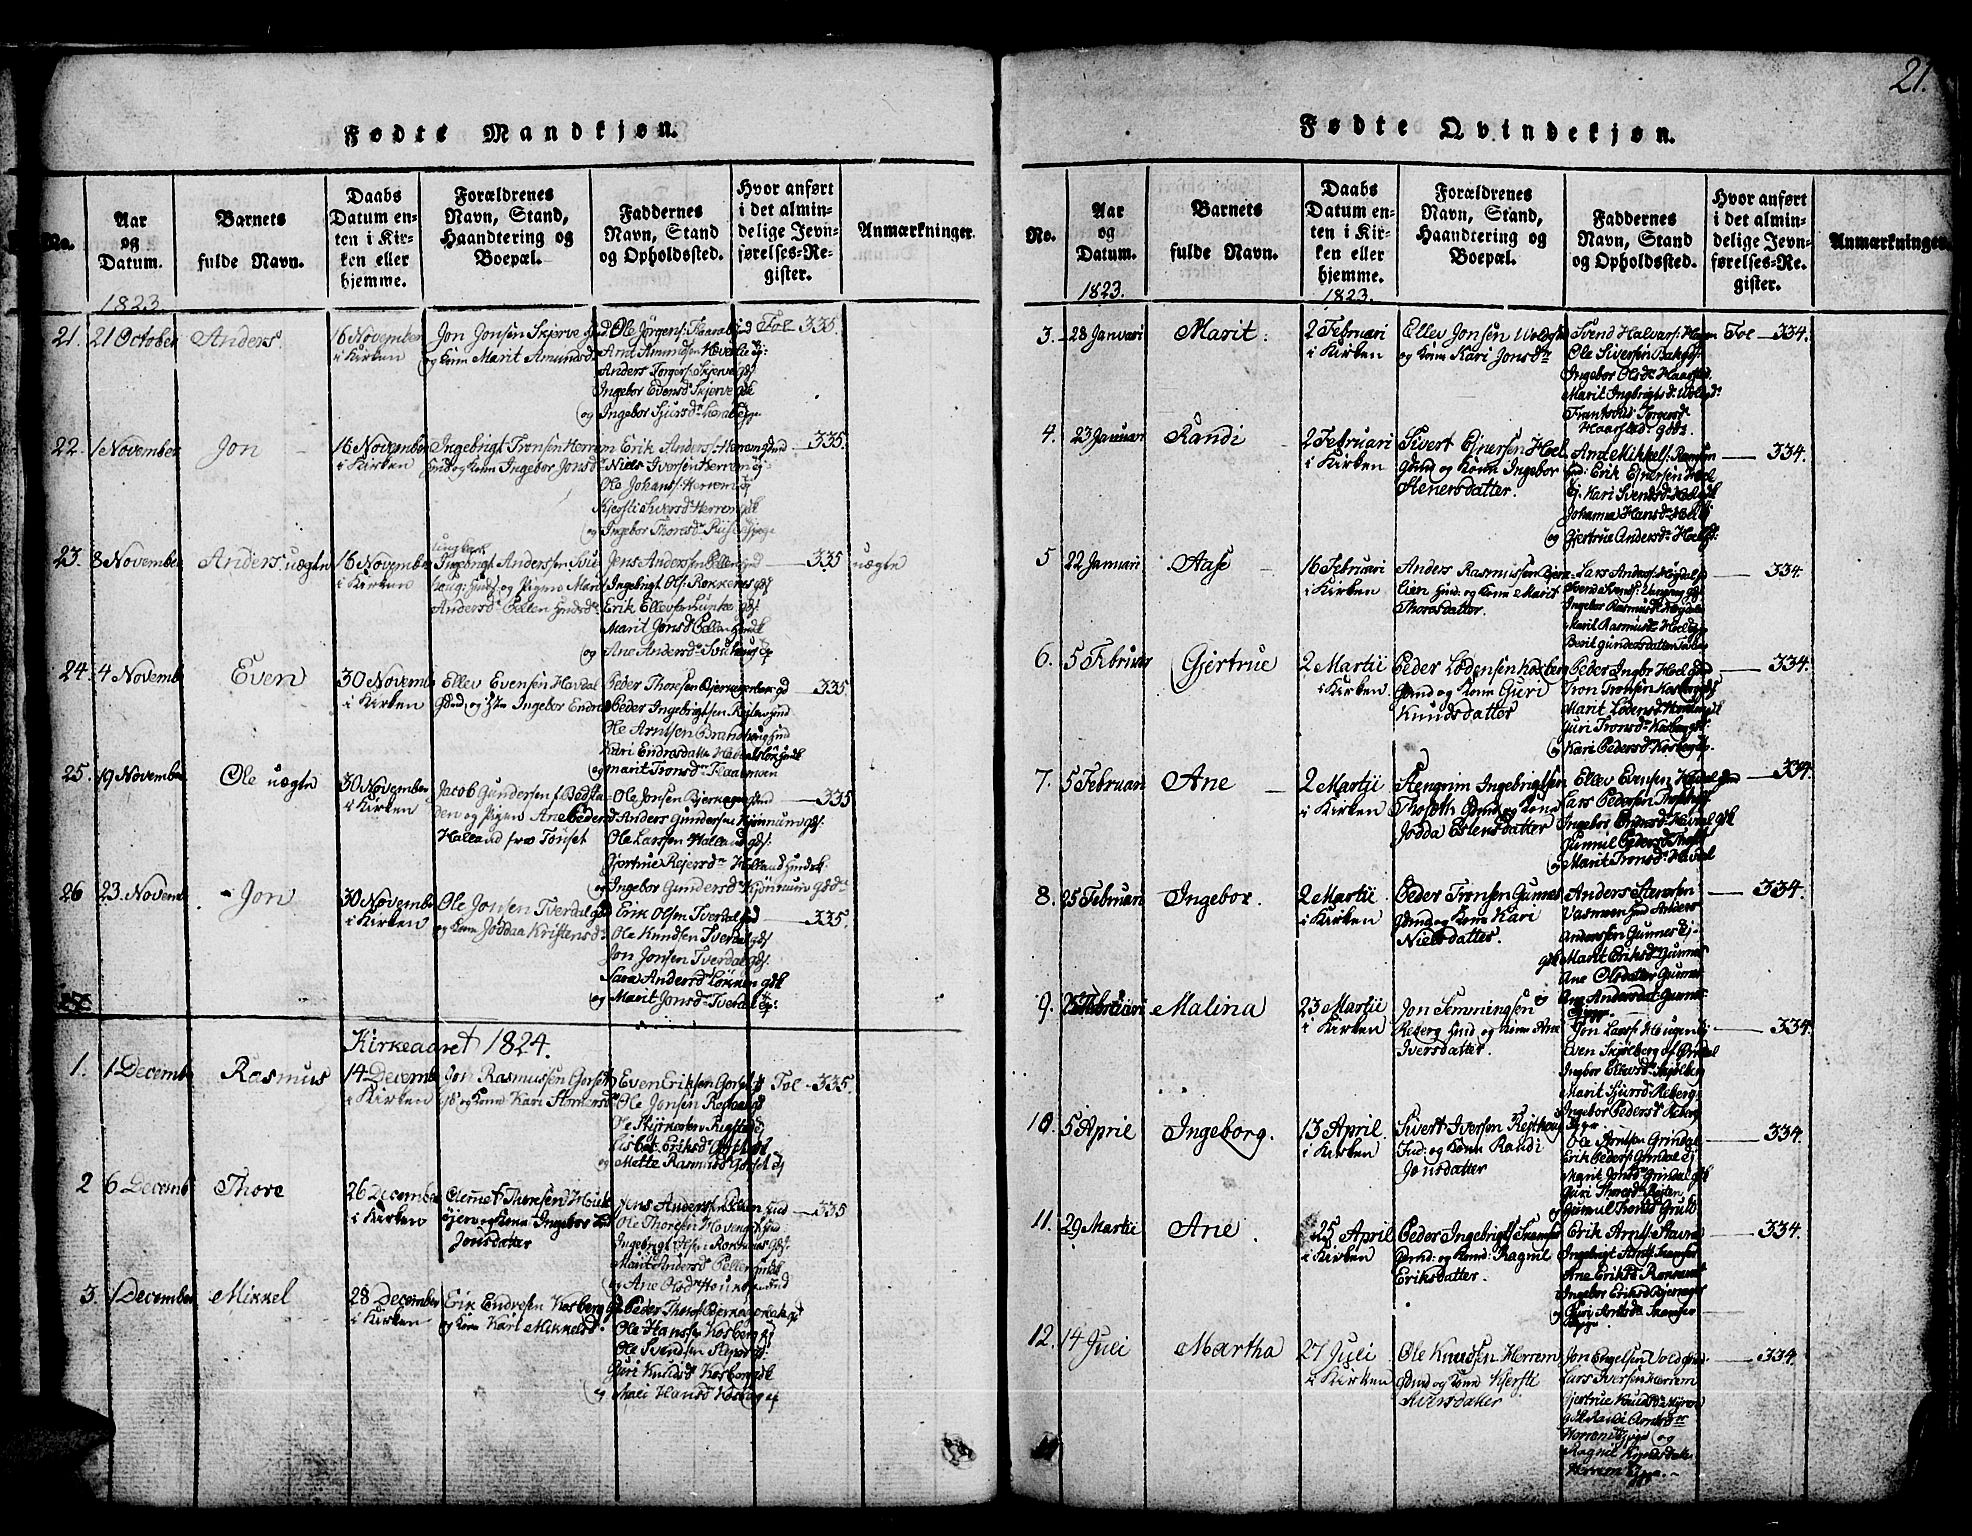 SAT, Ministerialprotokoller, klokkerbøker og fødselsregistre - Sør-Trøndelag, 674/L0874: Klokkerbok nr. 674C01, 1816-1860, s. 21